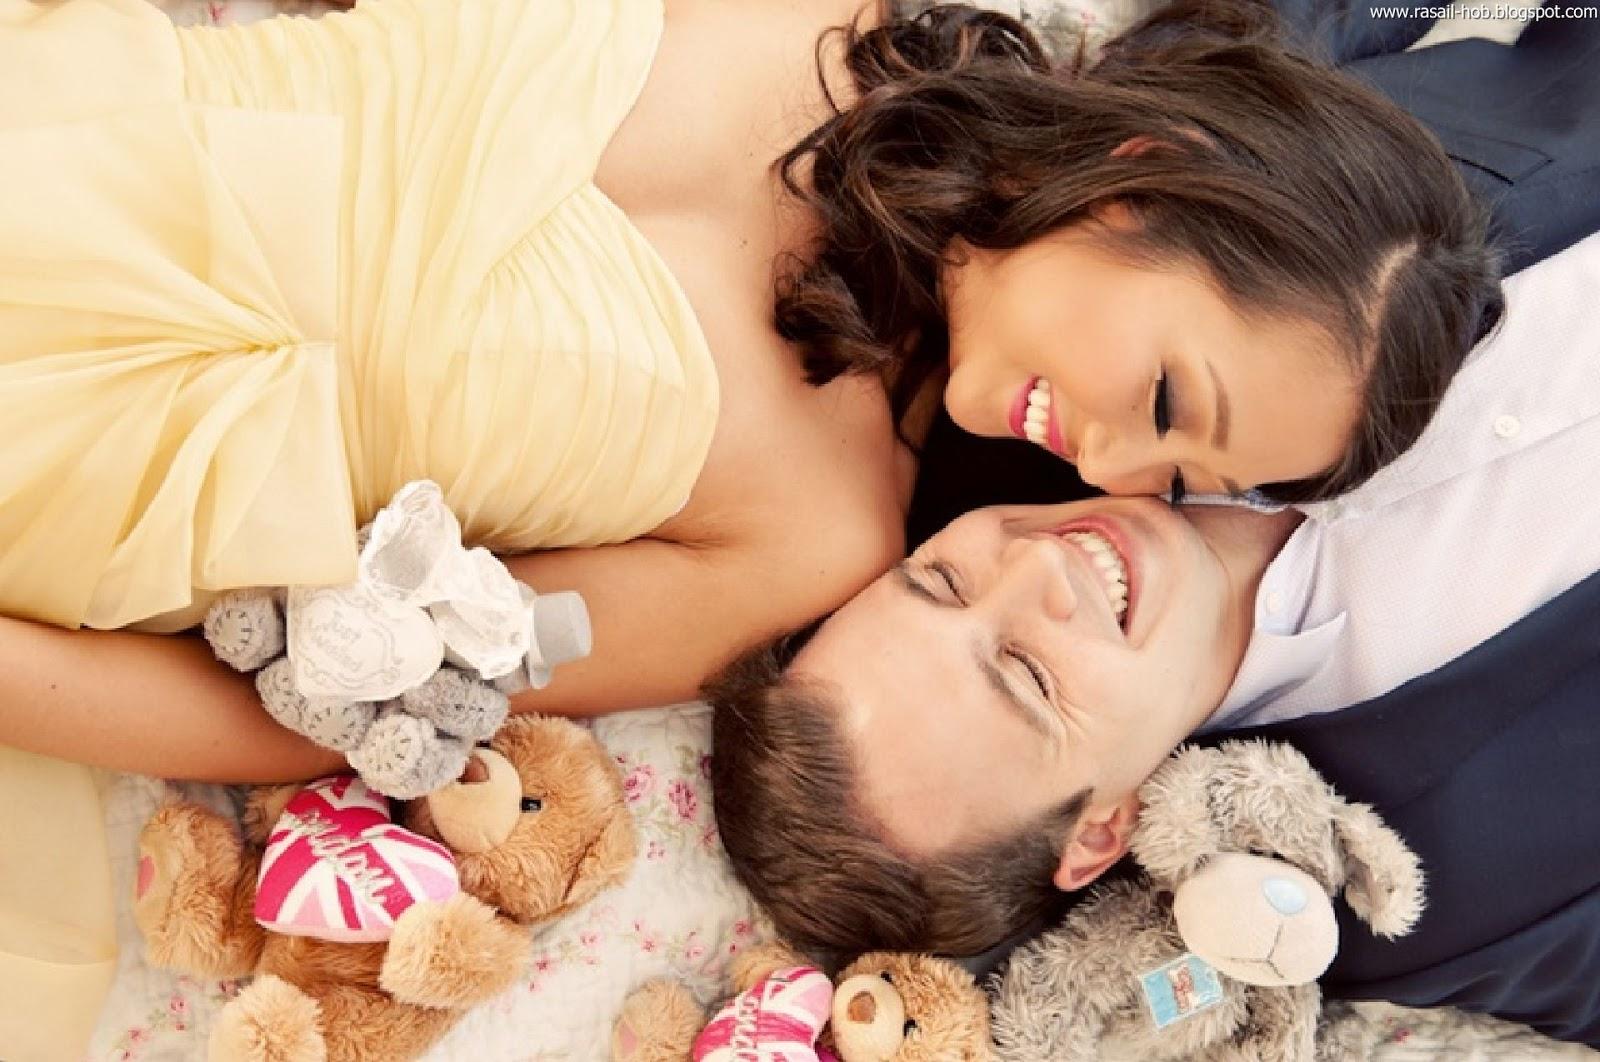 بالصور قصص حب رومانسية جريئة , الحب الرومانسي الملحمي و جراته 1066 11